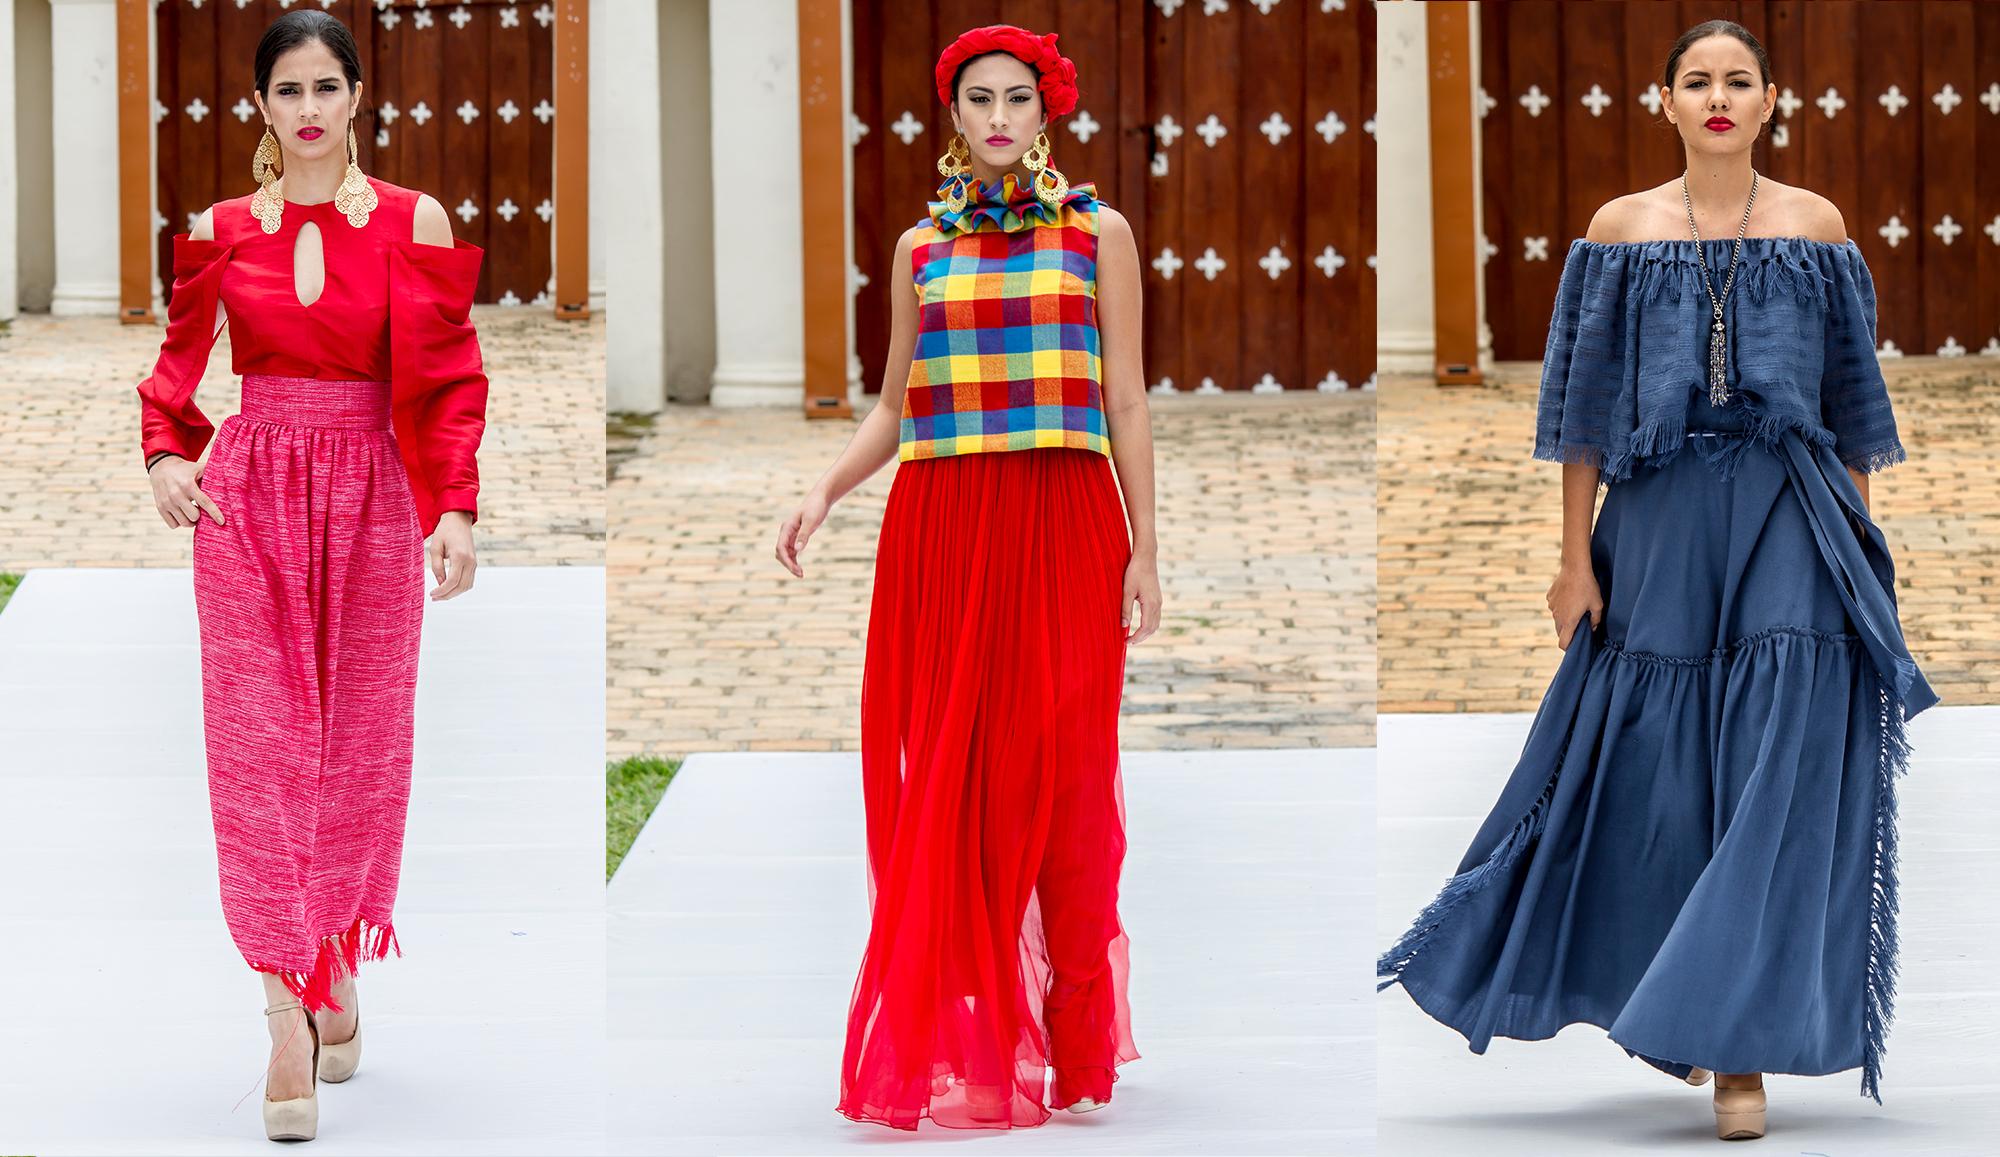 jose vargas miguel chong moda diseñador gracias convoca moda honduras blog blgger fashion lenca designer honduras fashion show runway gracias lempira street style